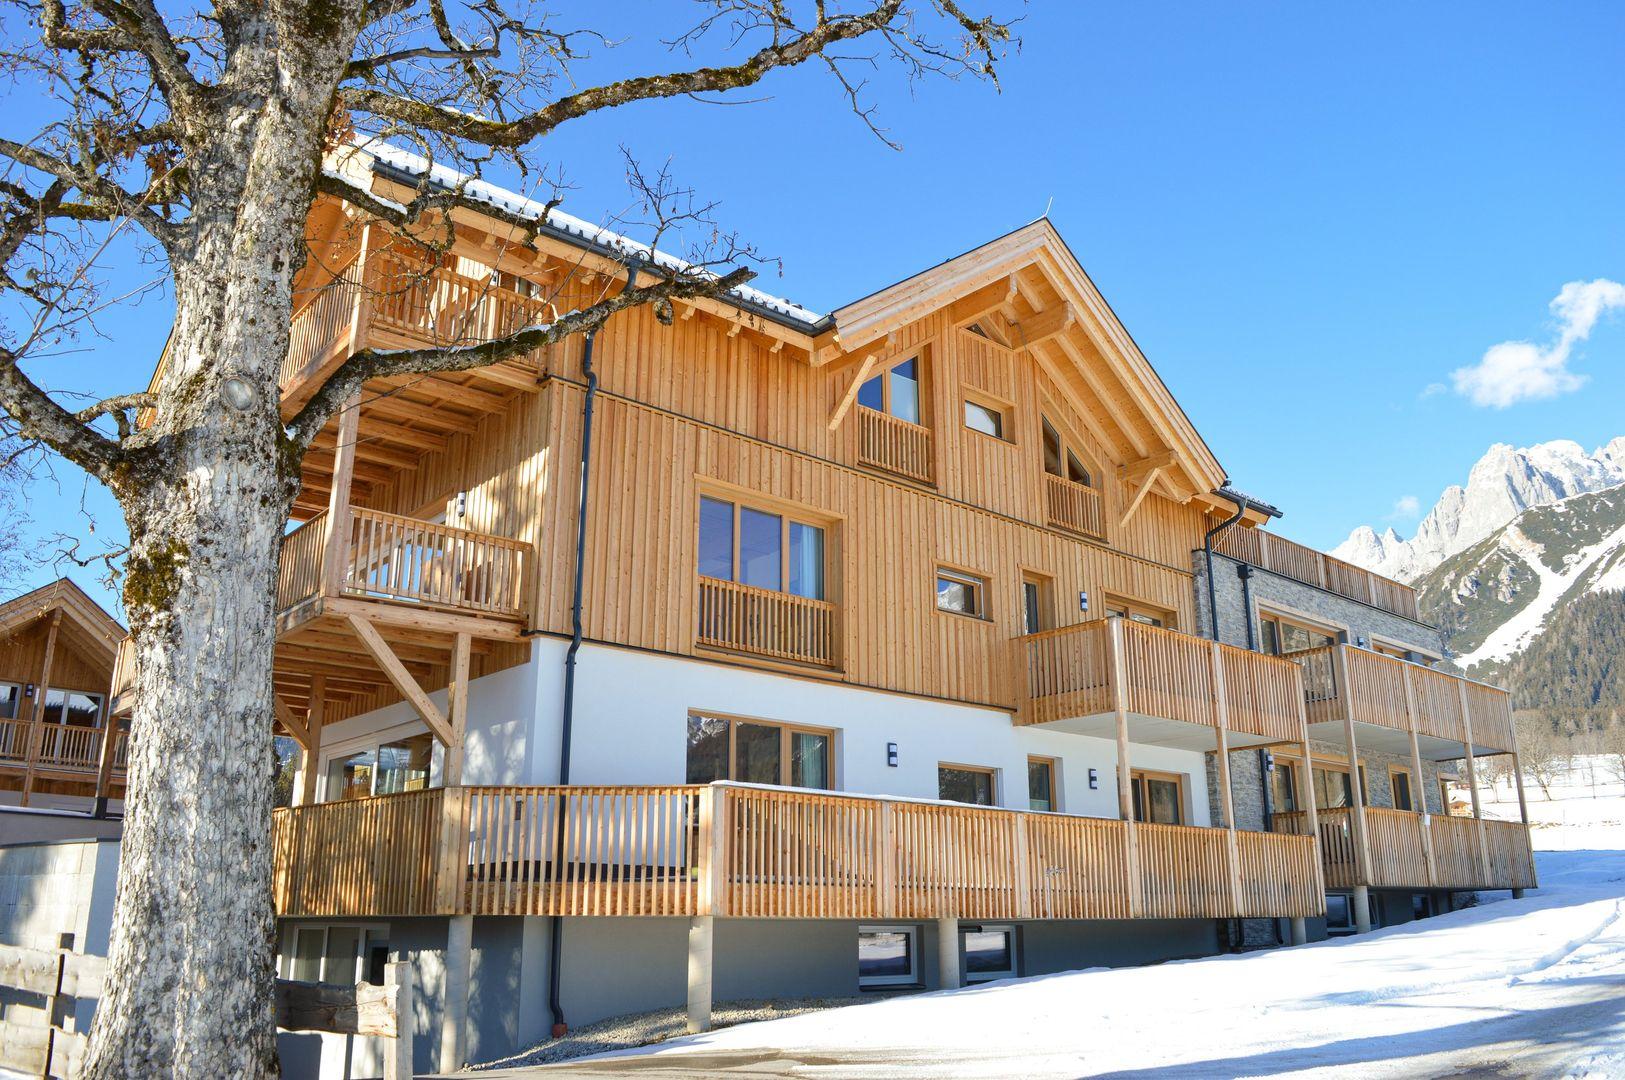 Meer info over Chalet Village Ramsau  bij Wintertrex